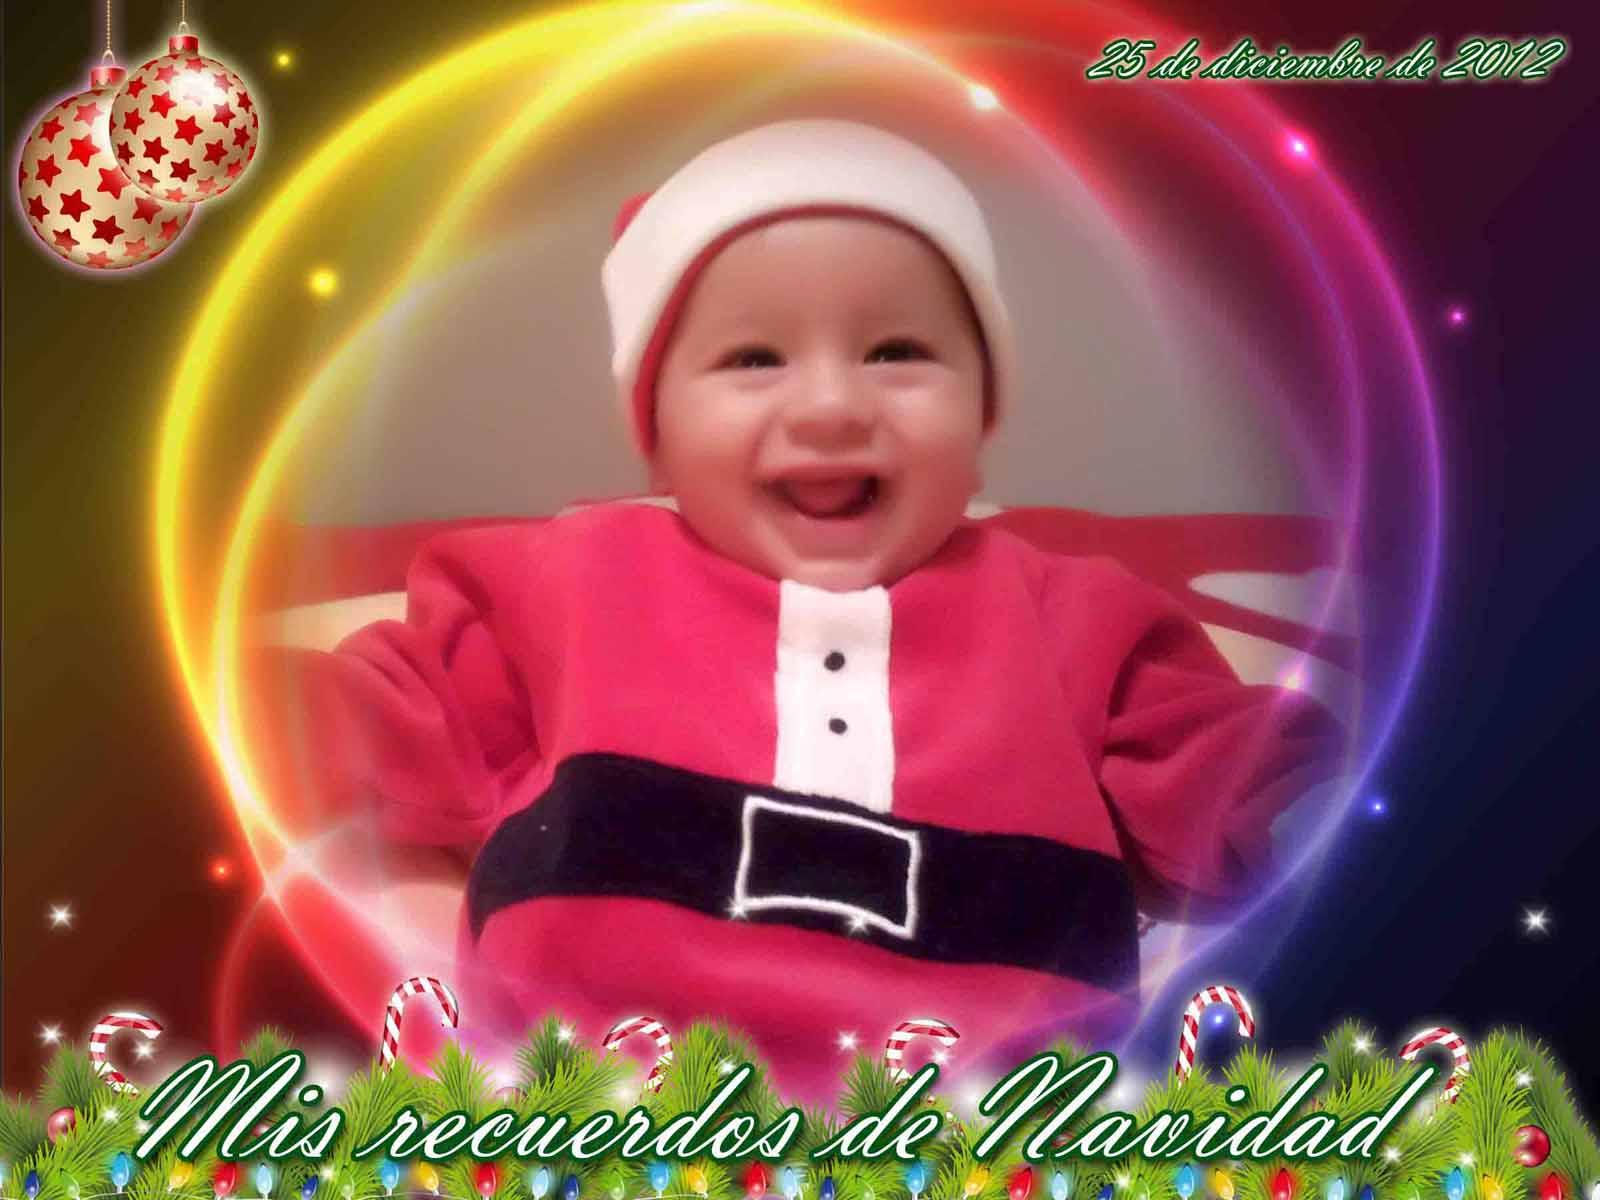 tus recuerdos de Navidad - Marcos en psd y png para descargar gratis